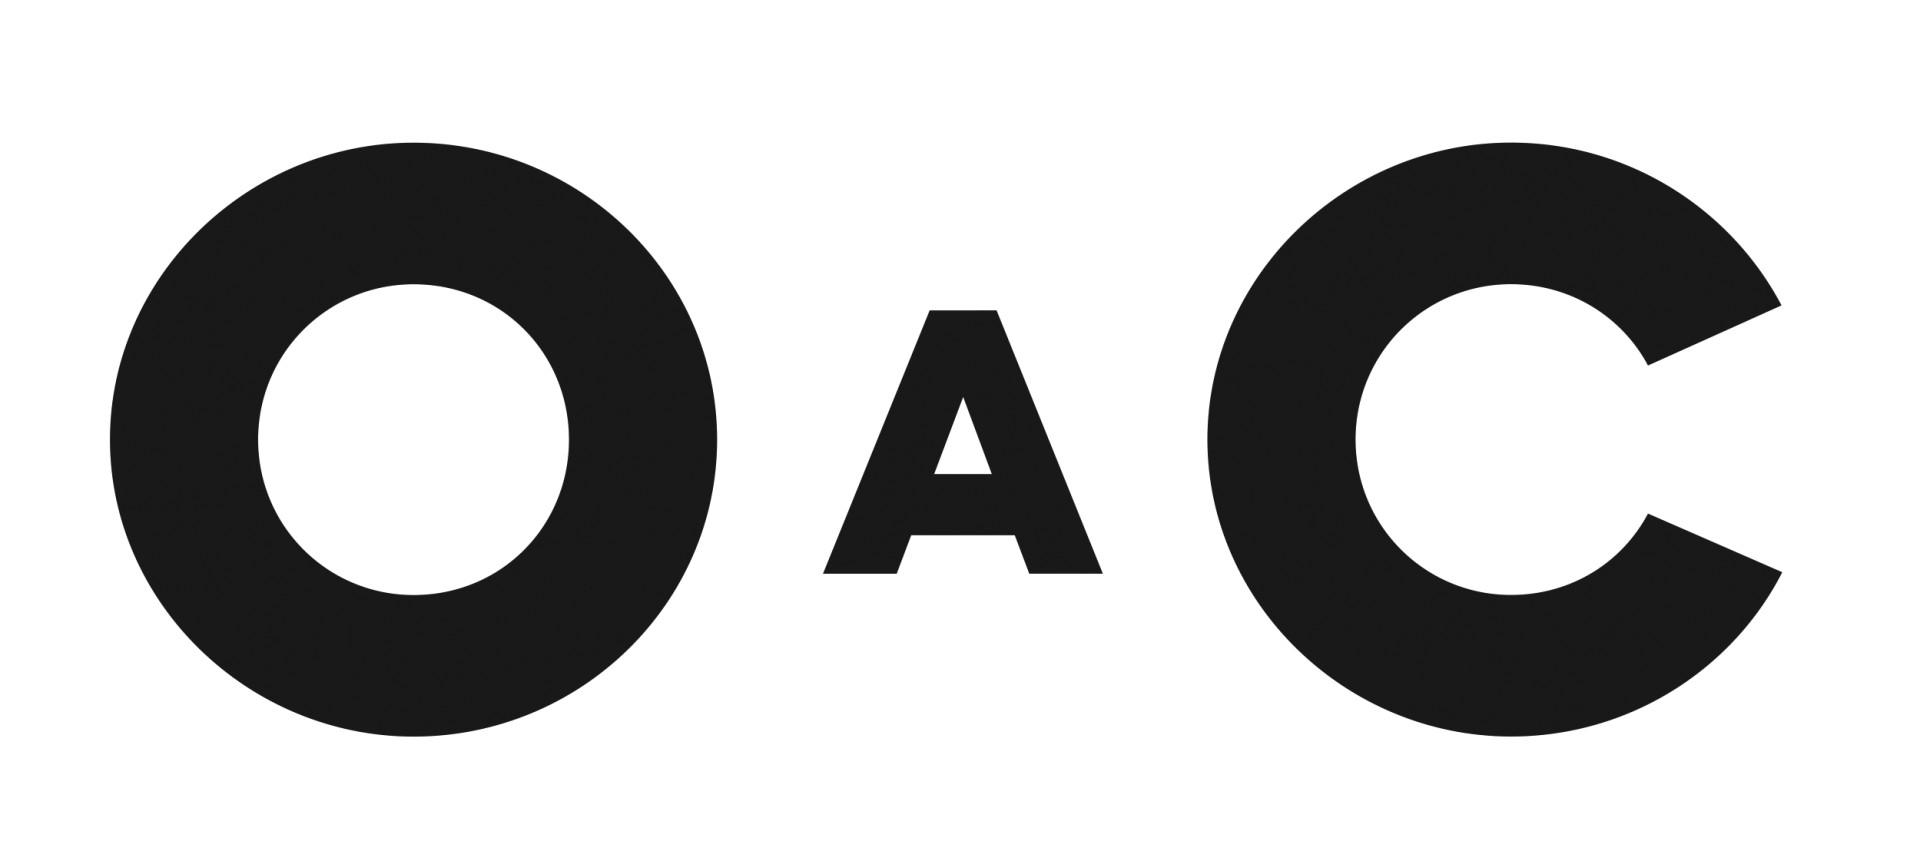 oac_sw